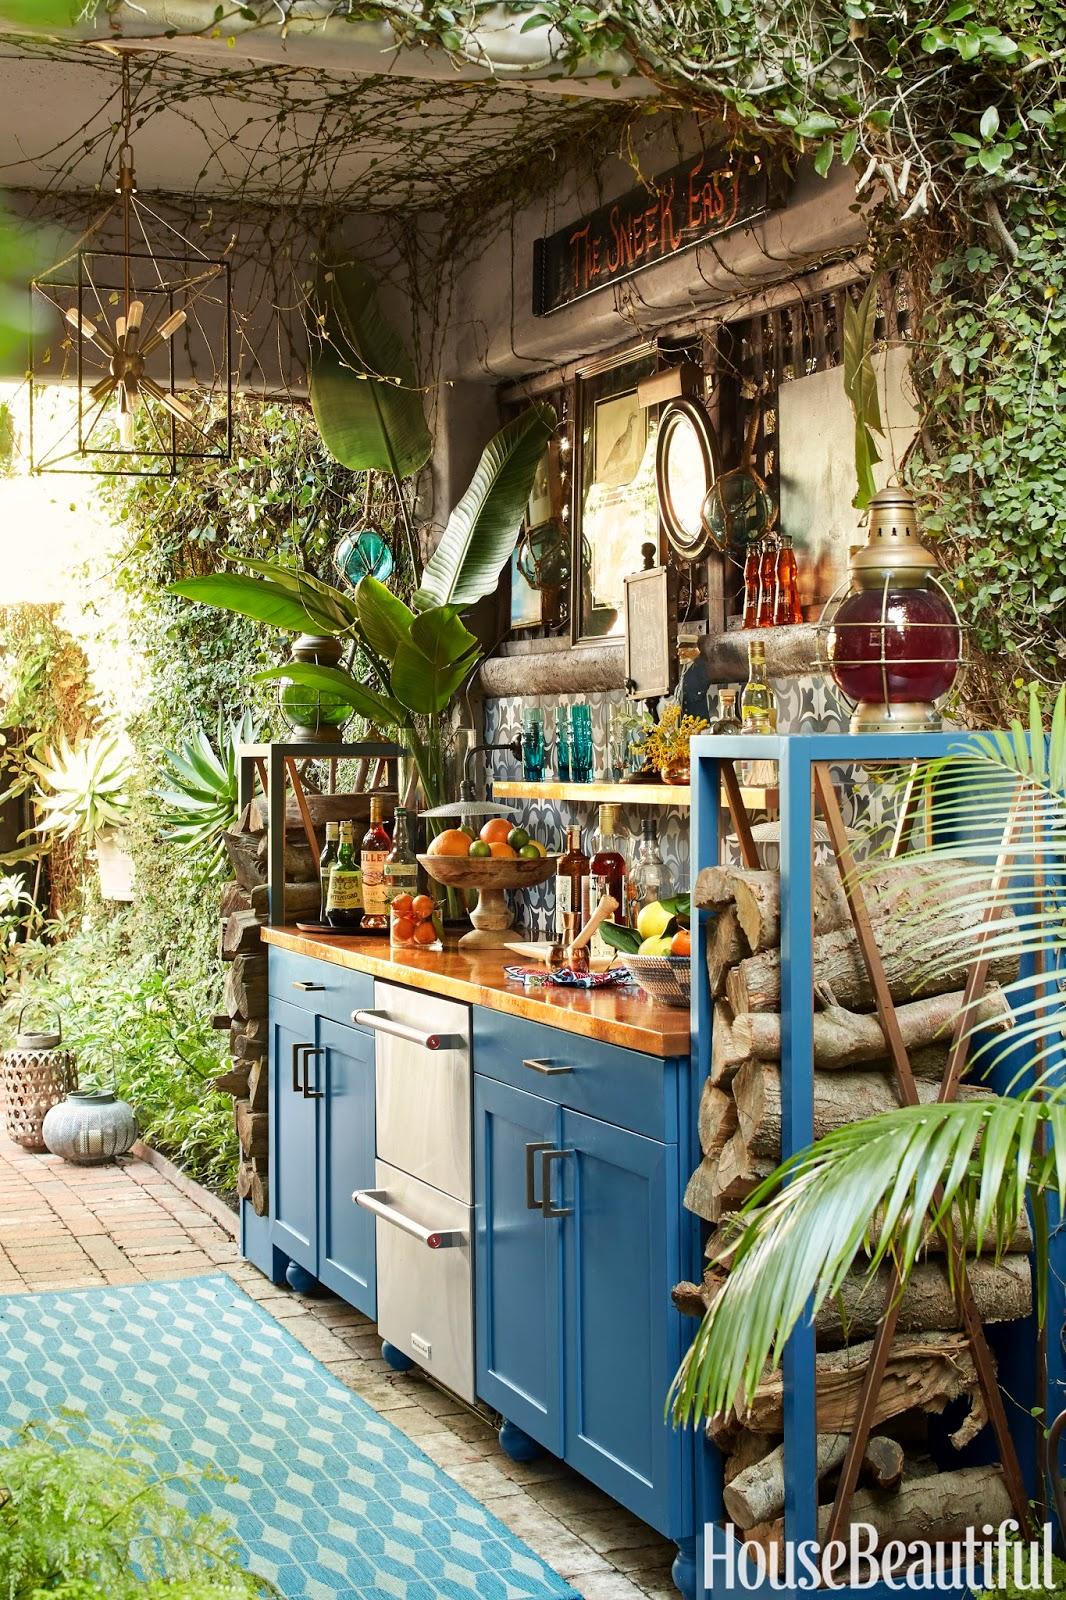 20 Outdoor Kitchen Minimalist Design The Best Of Decoration